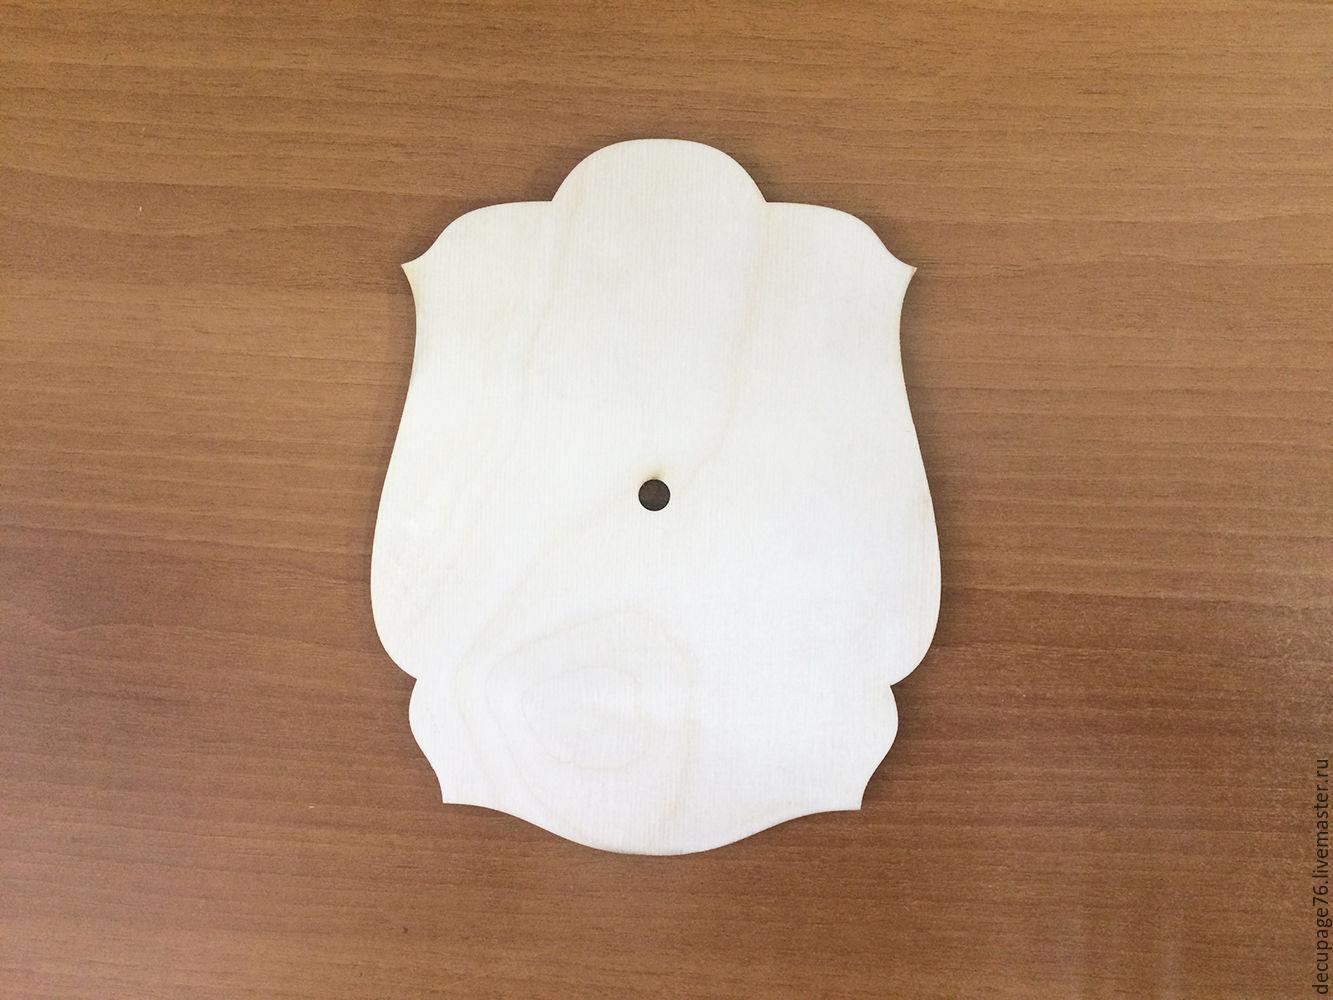 Часы `Фигурные` Не комплектуются фурнитурой Часовой механизм не прилагается Размер: 16х20 см Размер отверстия под ч/м - 8,5 мм